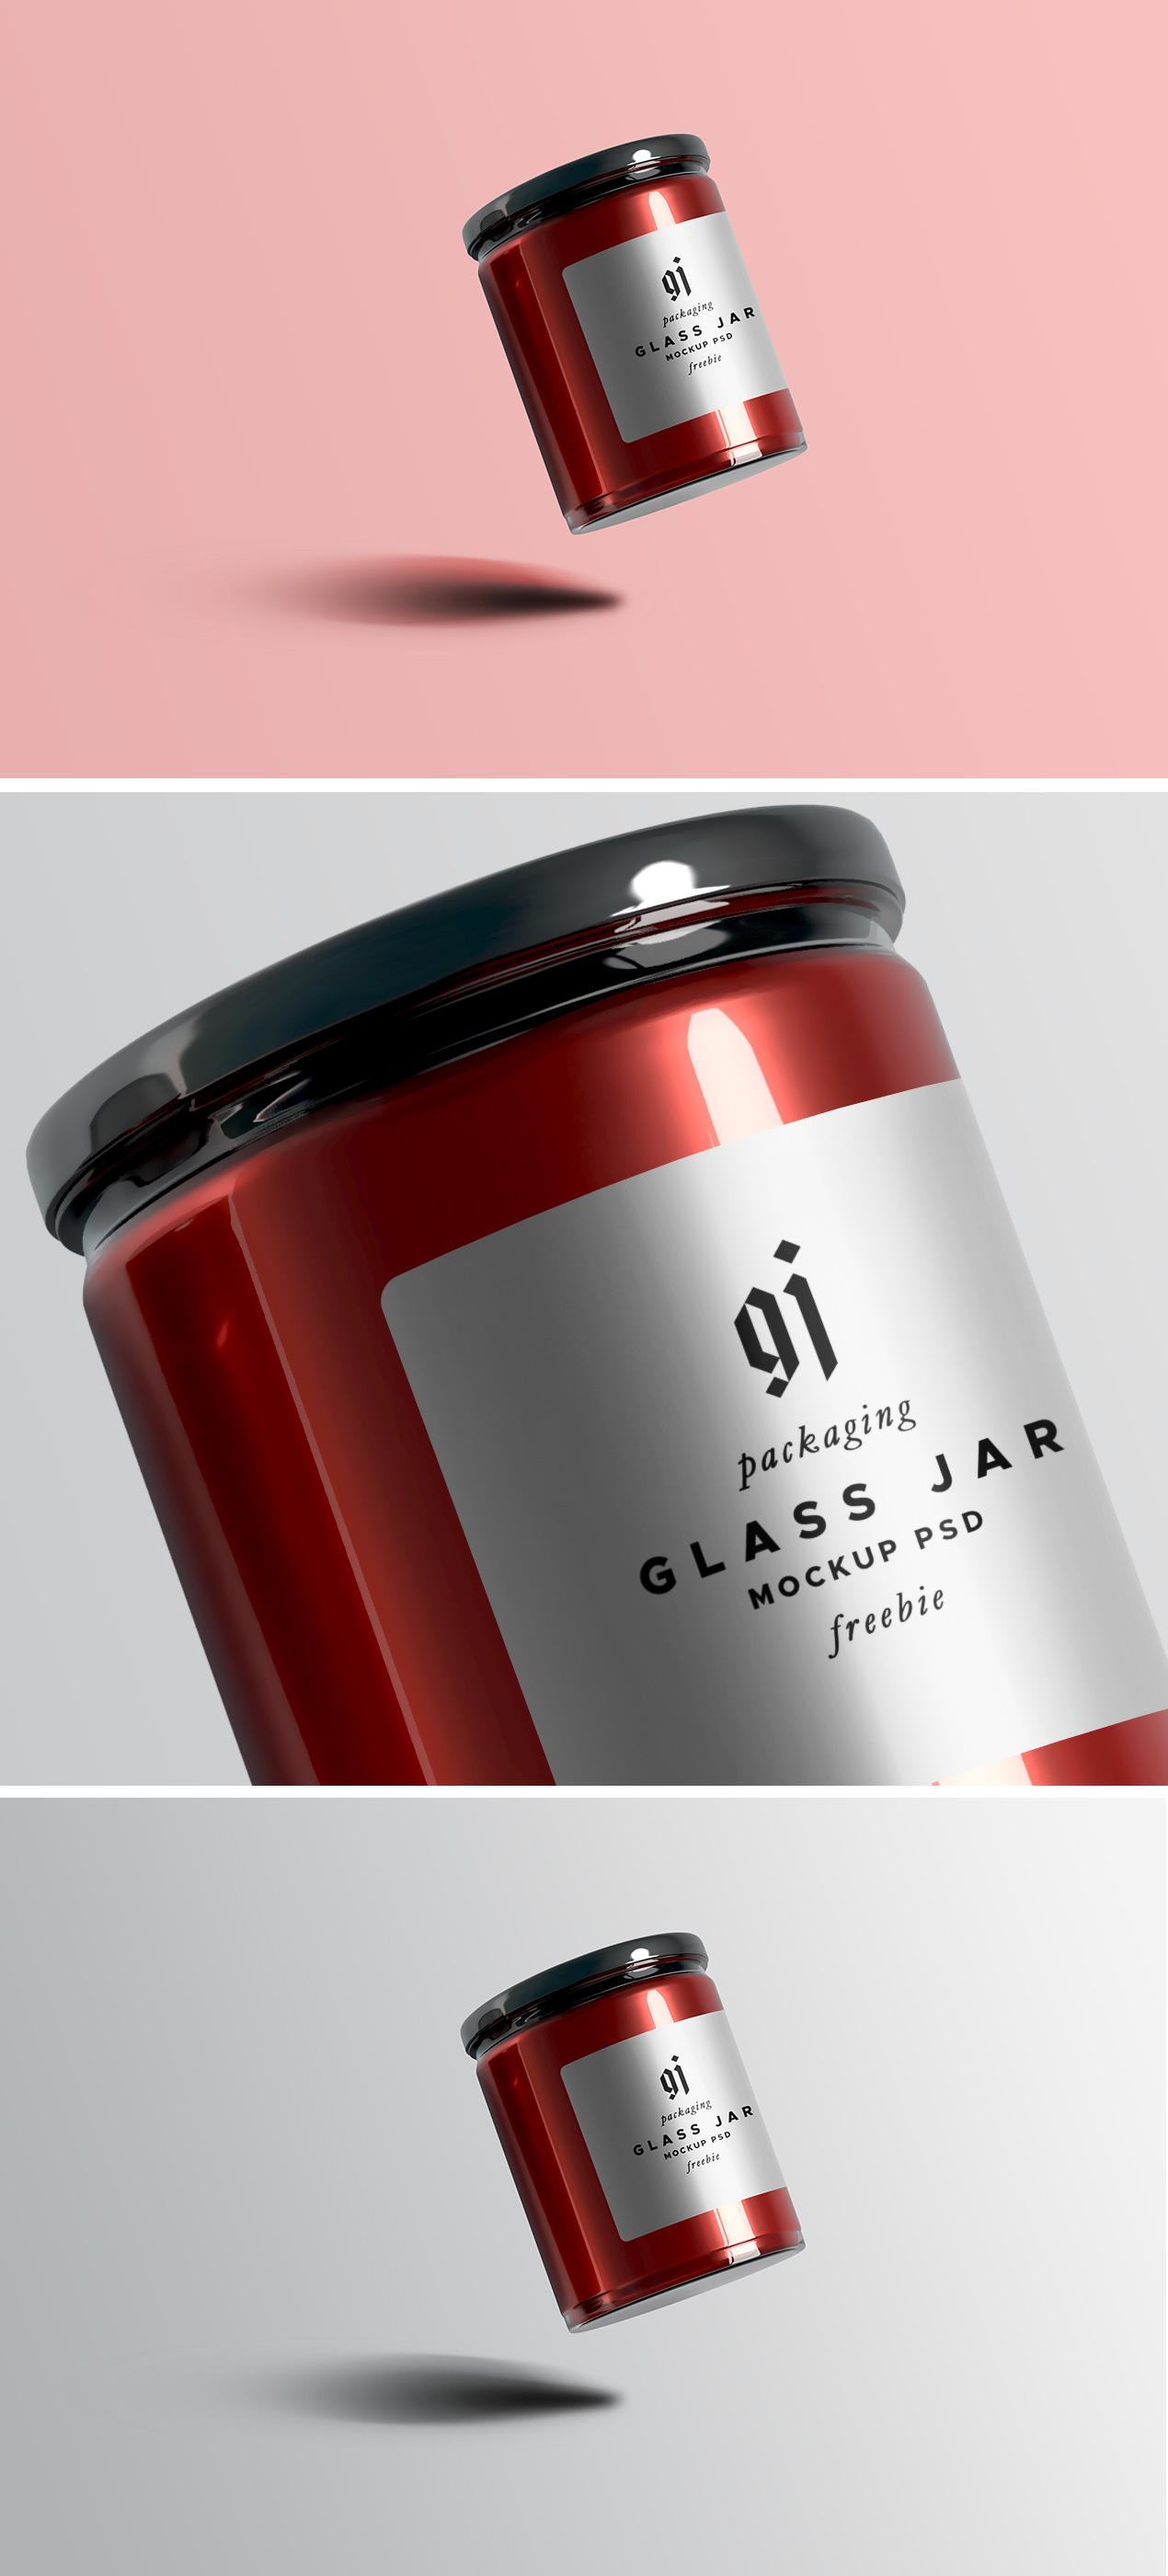 Glass Jar PSD Mockup